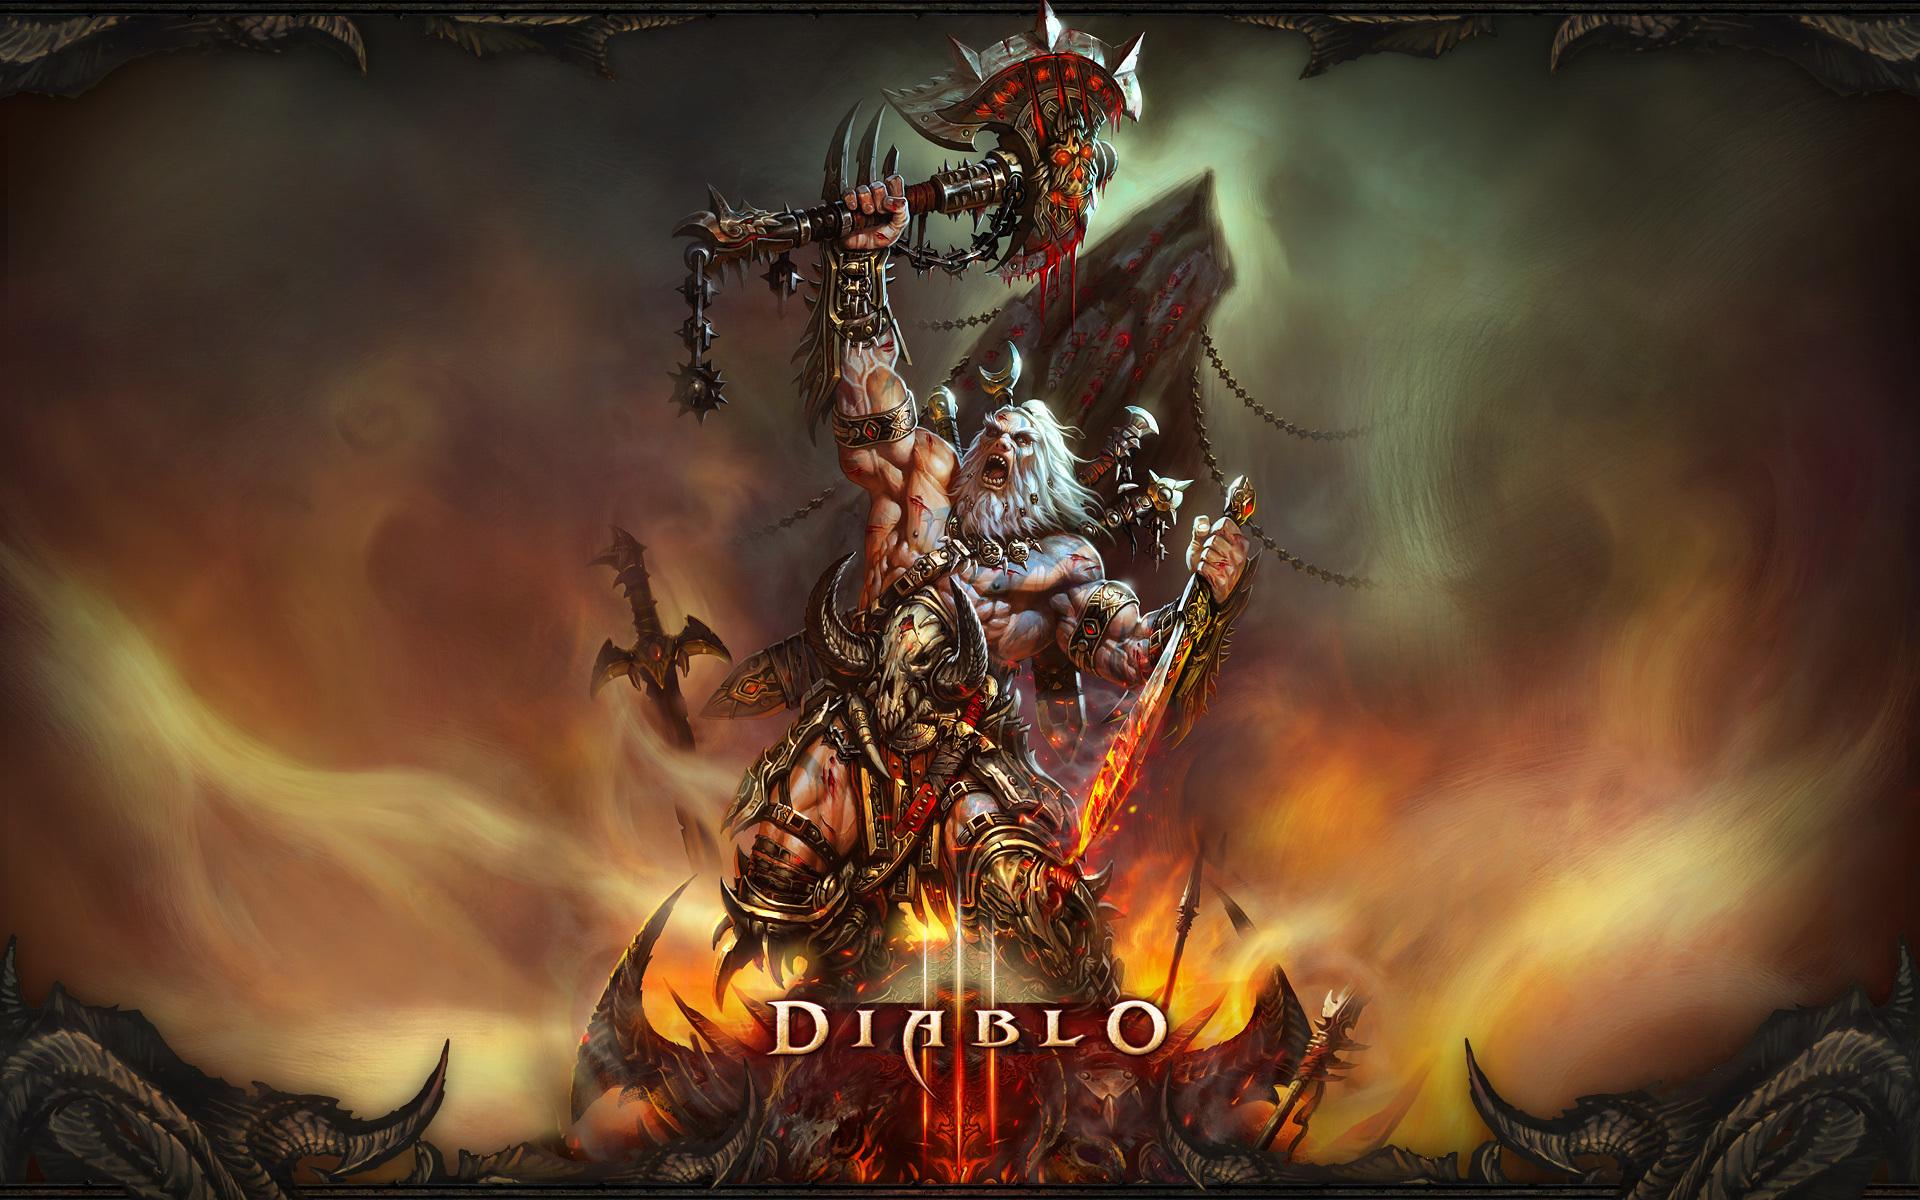 Diablo 3 barbarian wallpaper   ForWallpapercom 1920x1200